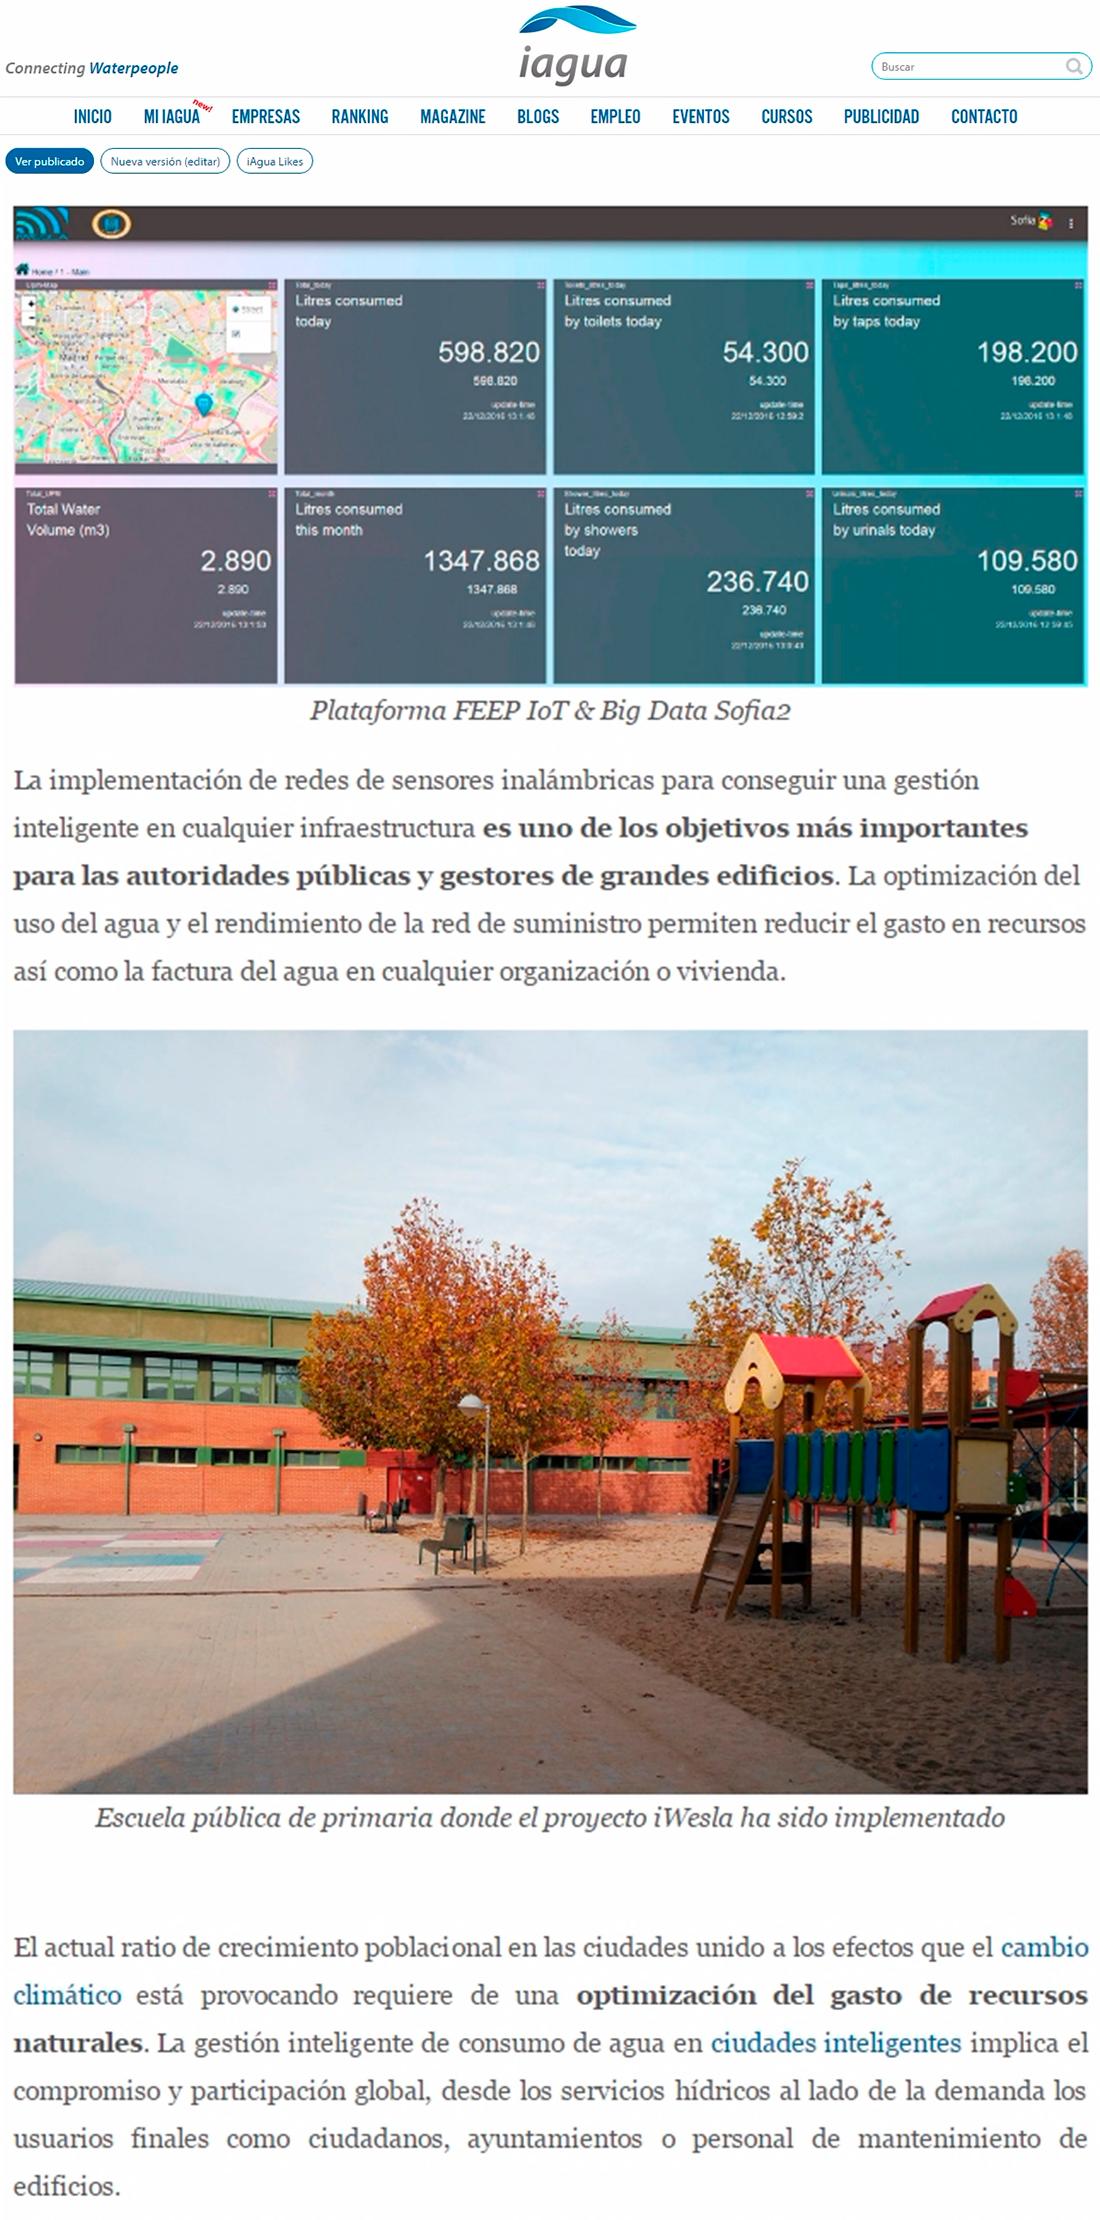 Iagua.es – Gestión inteligente de agua en Madrid